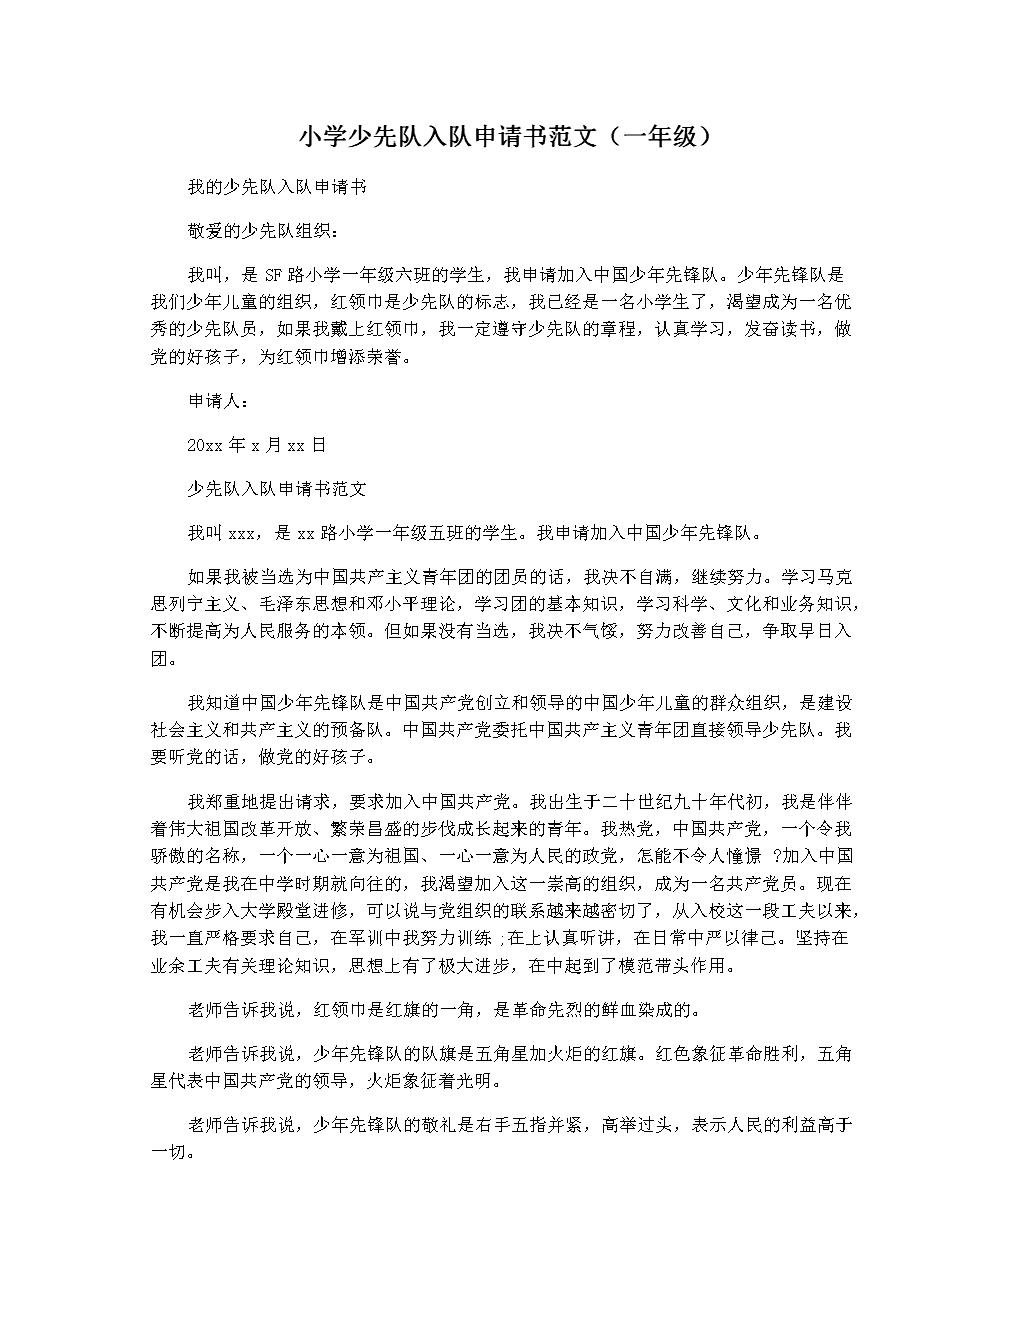 小学少先队入队申请书范文(一年级).docx